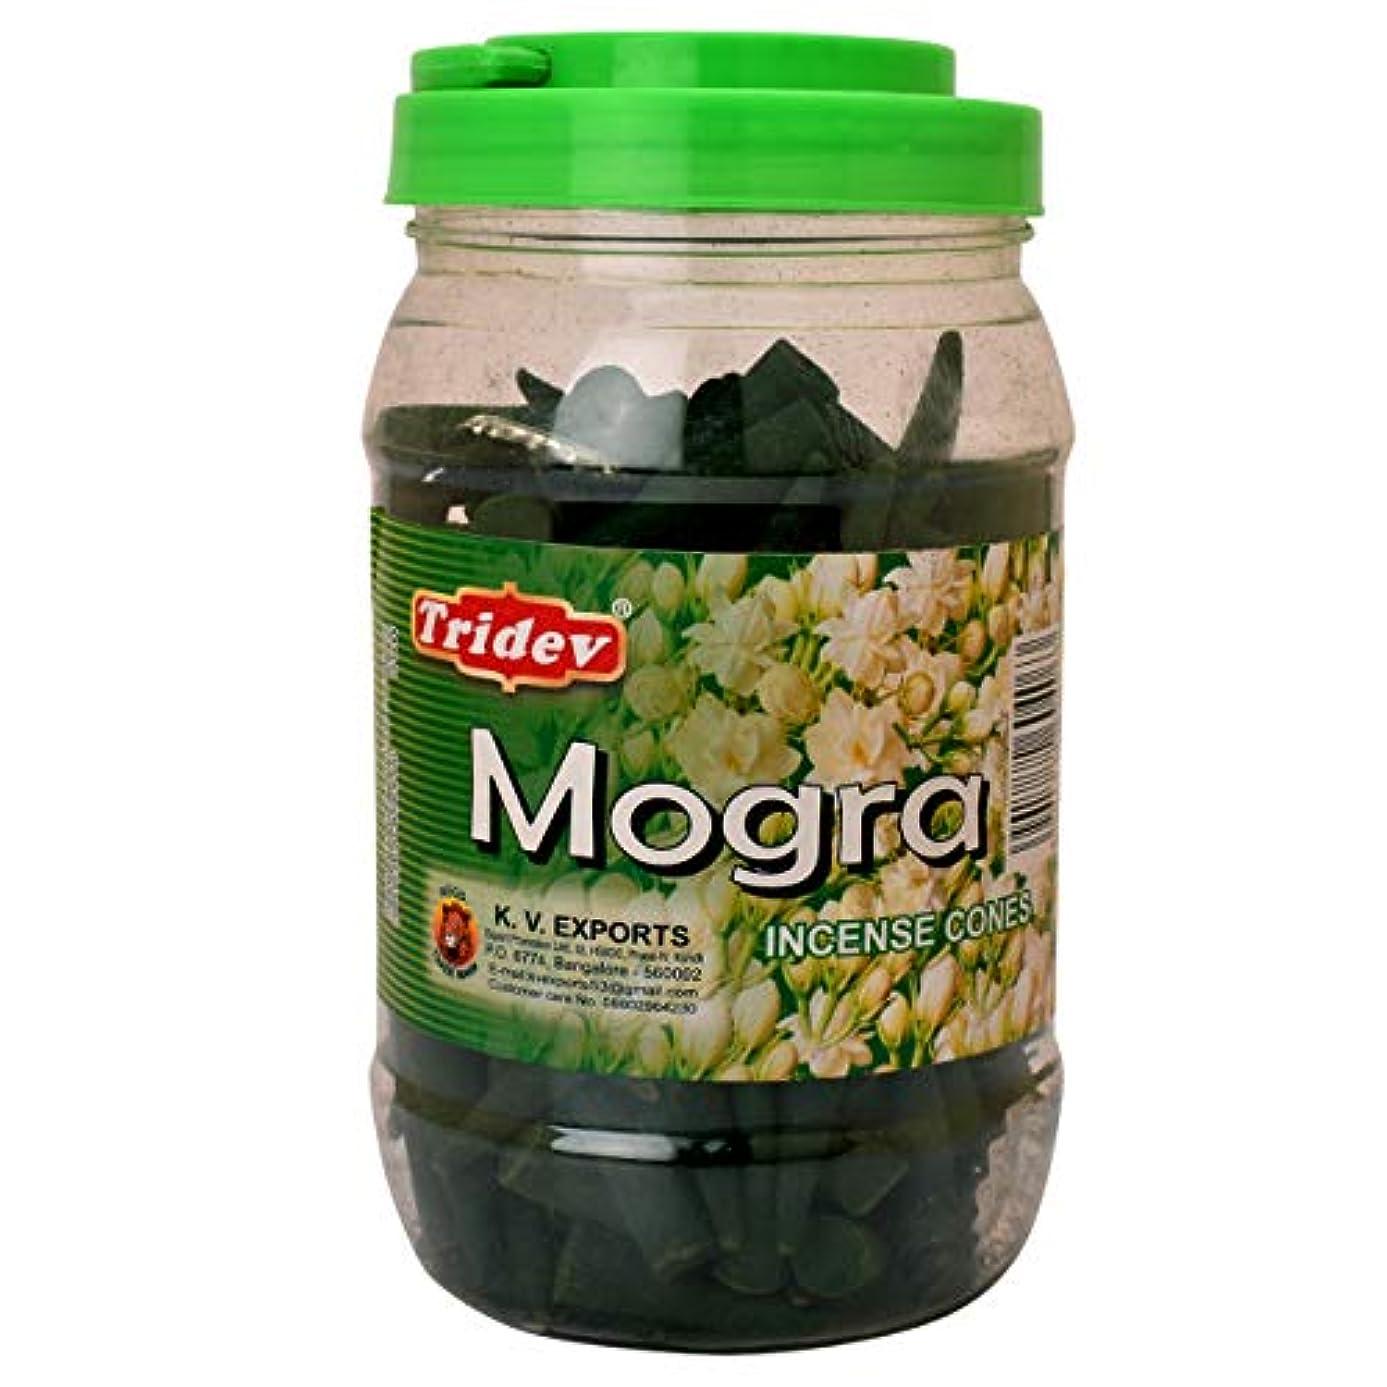 神話血色の良い狂人Tridev Mogra フレグランス コーン型お香 500グラム 瓶 輸出品質